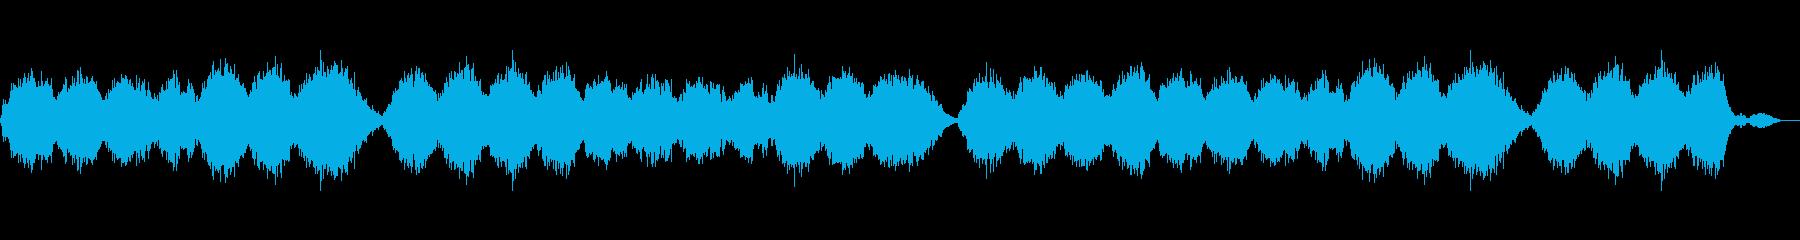 宇宙の神秘のアンビエントの再生済みの波形